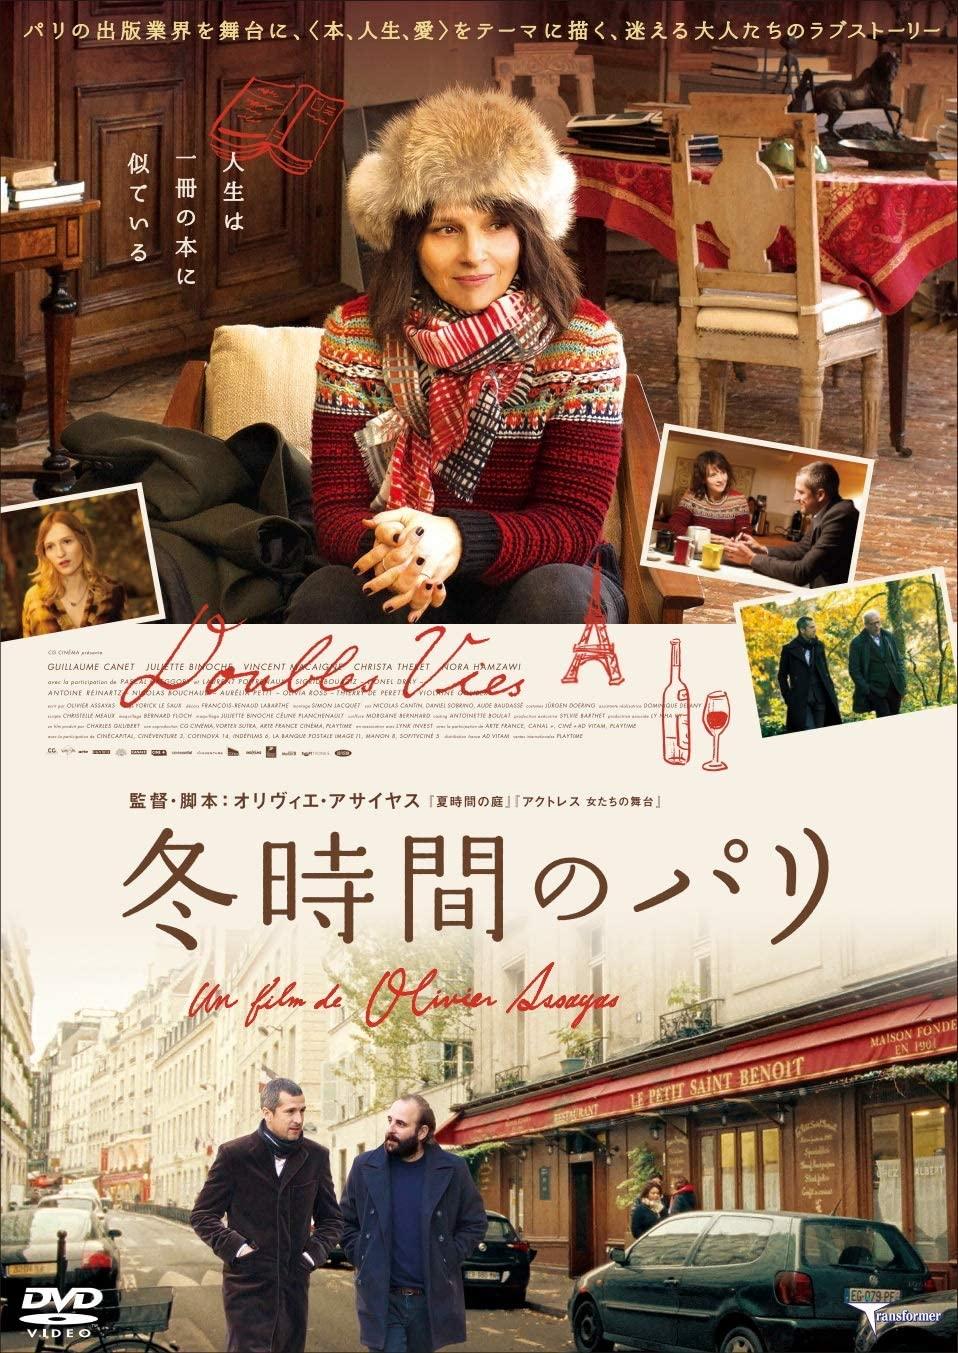 [DVD] 冬時間のパリ